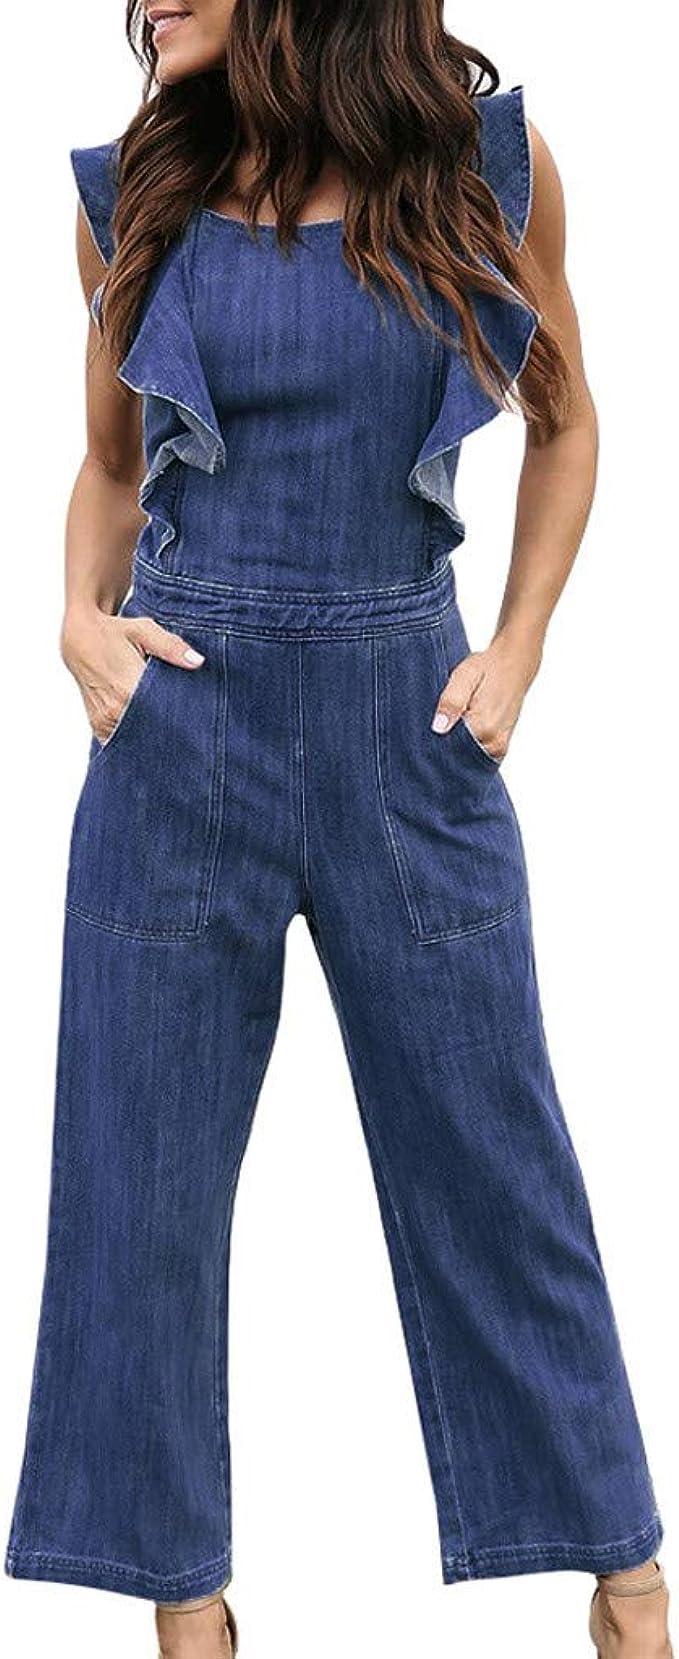 LHWY Jumpsuit Bodysuit Mono PetosModa para Mujer Denim ...